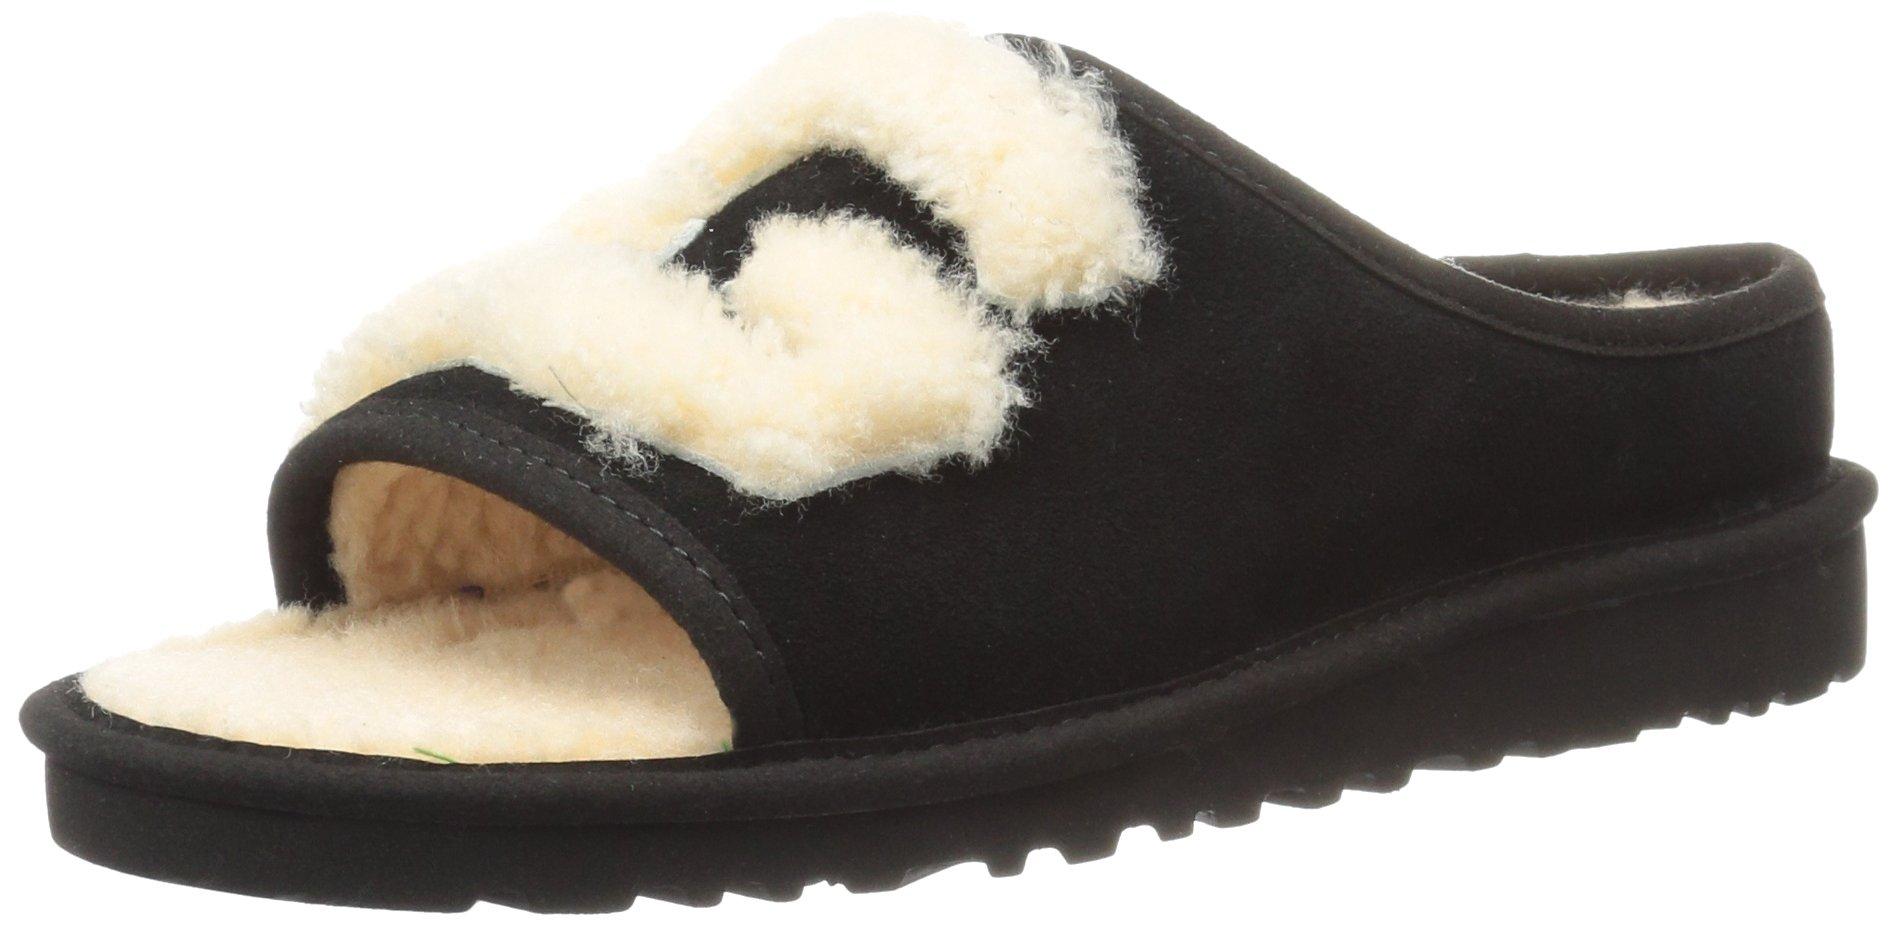 UGG Women's Slide Slipper, Black/Natural, 8 M US